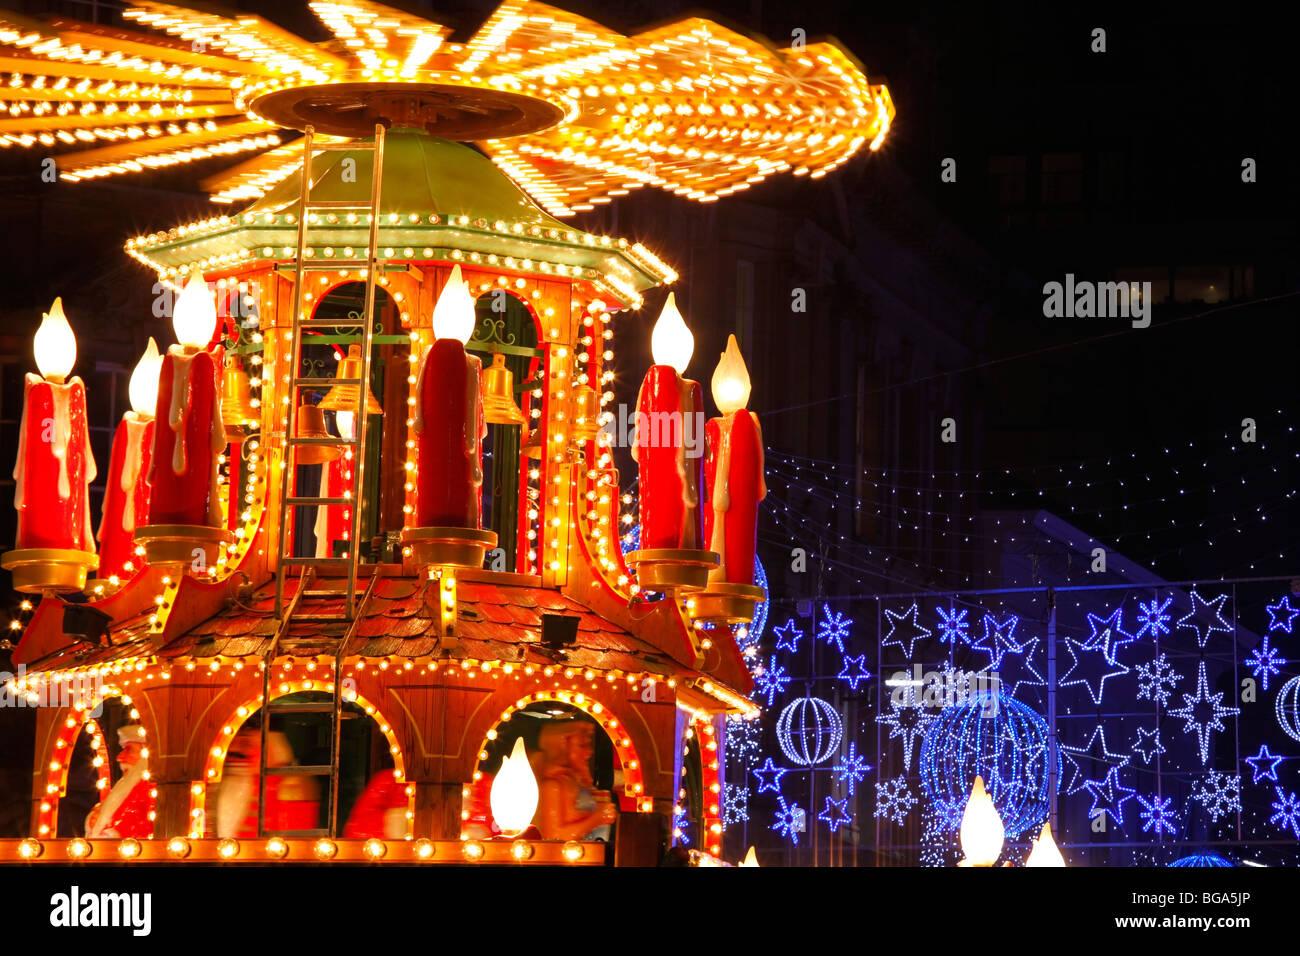 En el mercado alemán en Bimingham City Centre en Navidad. Luces y decoraciones de Navidad. Imagen De Stock